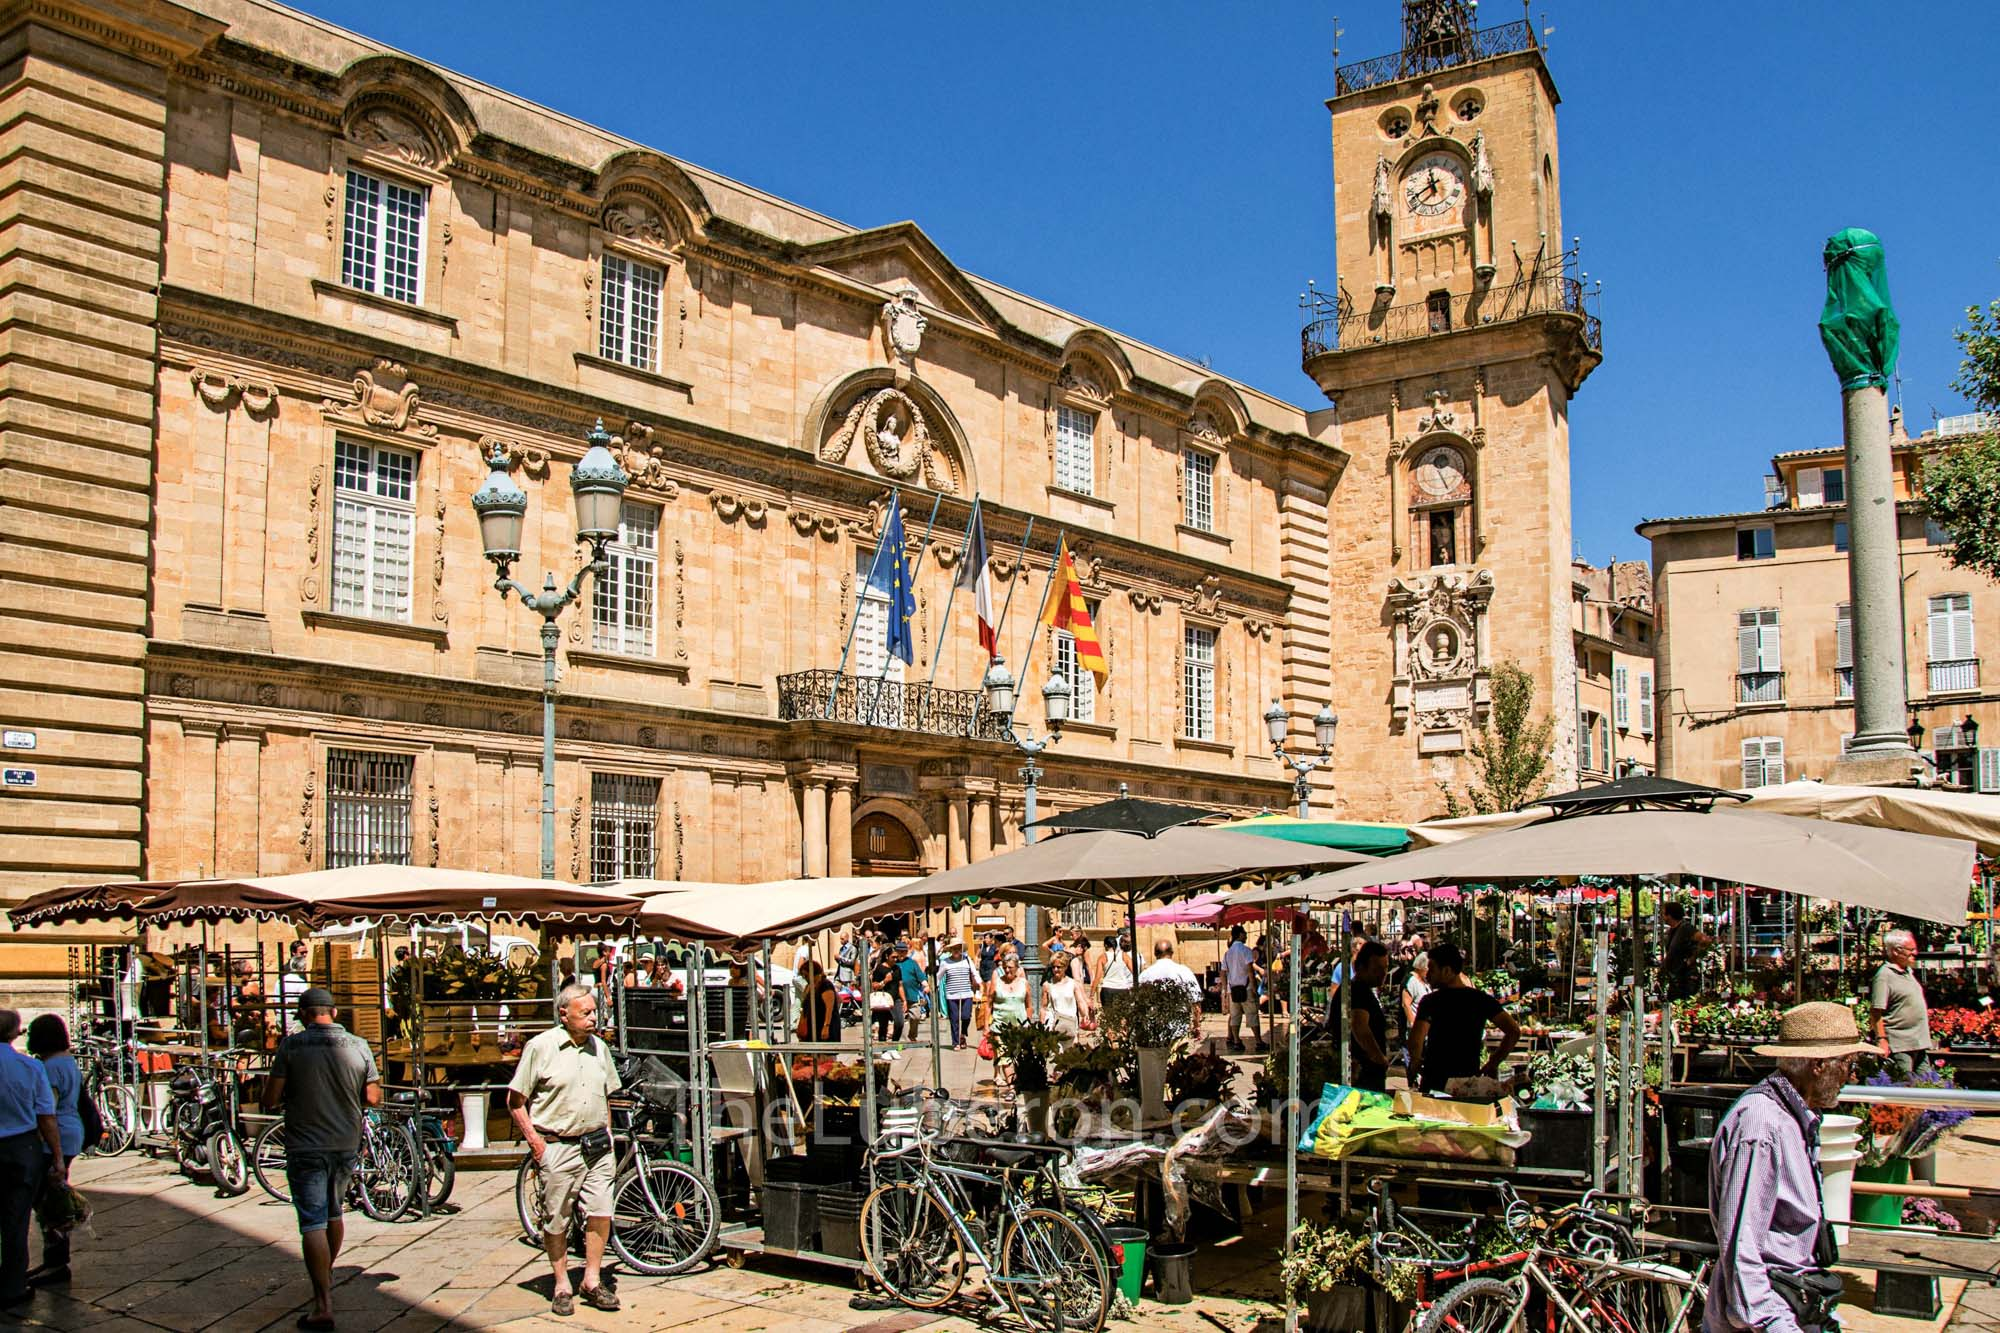 Flower market in Aix-en-Provence